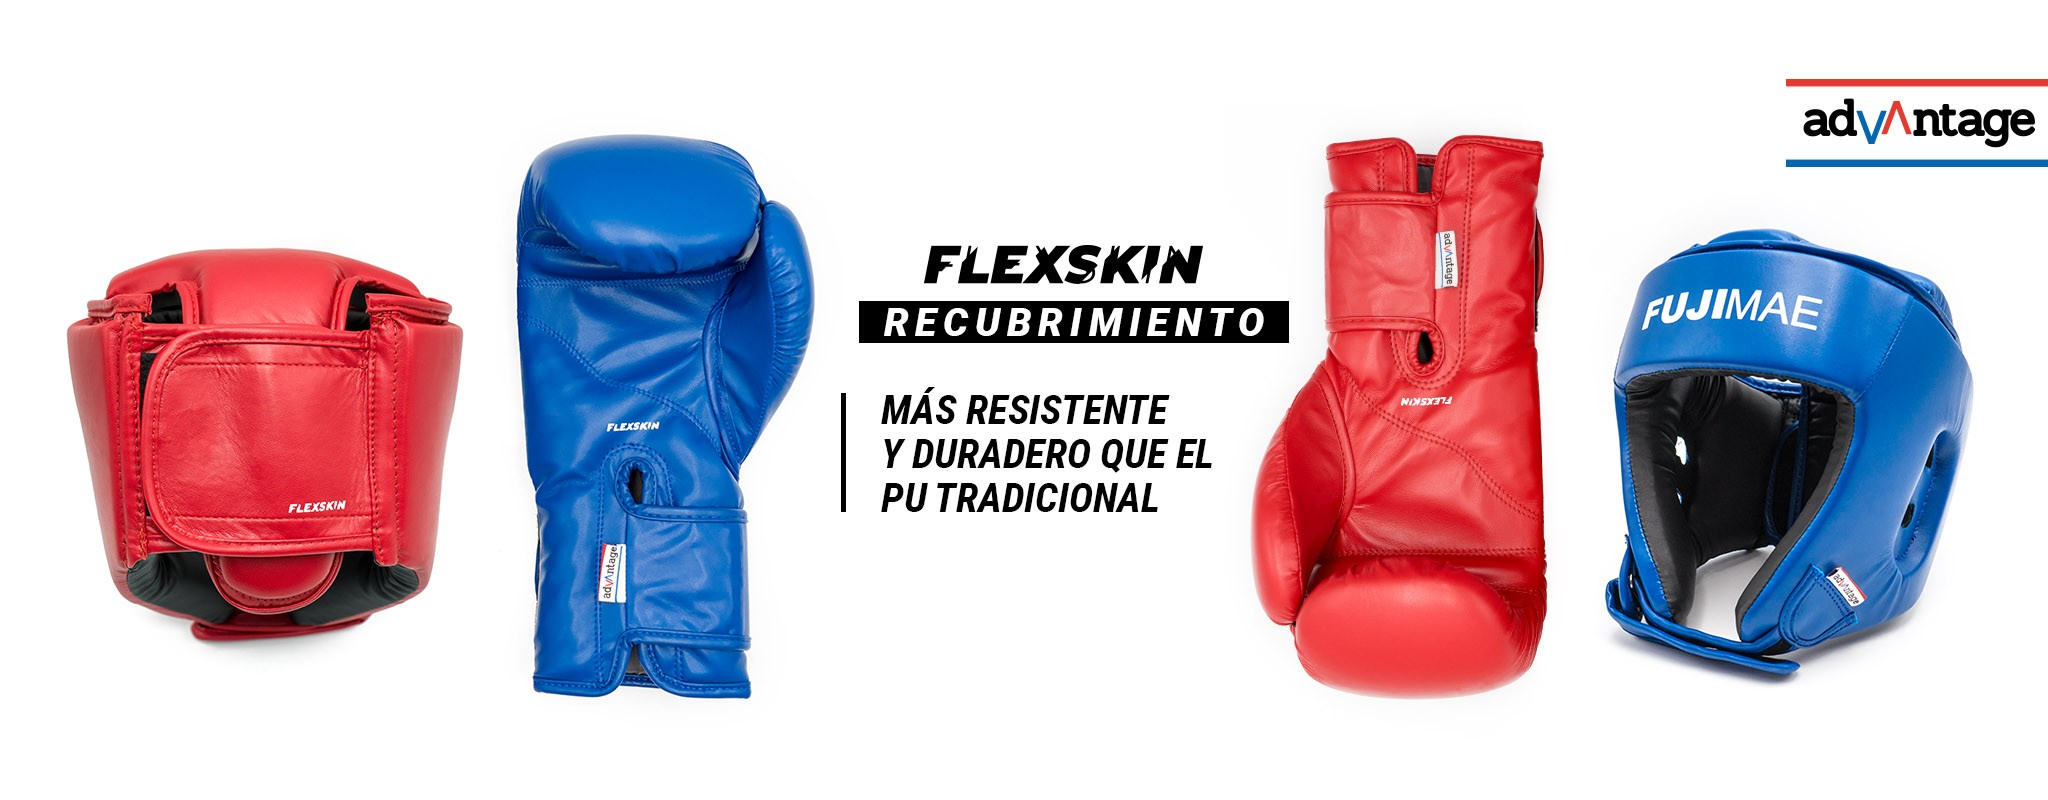 Protecciones Flexskin. Guantes de Boxeo y Casco Abierto.